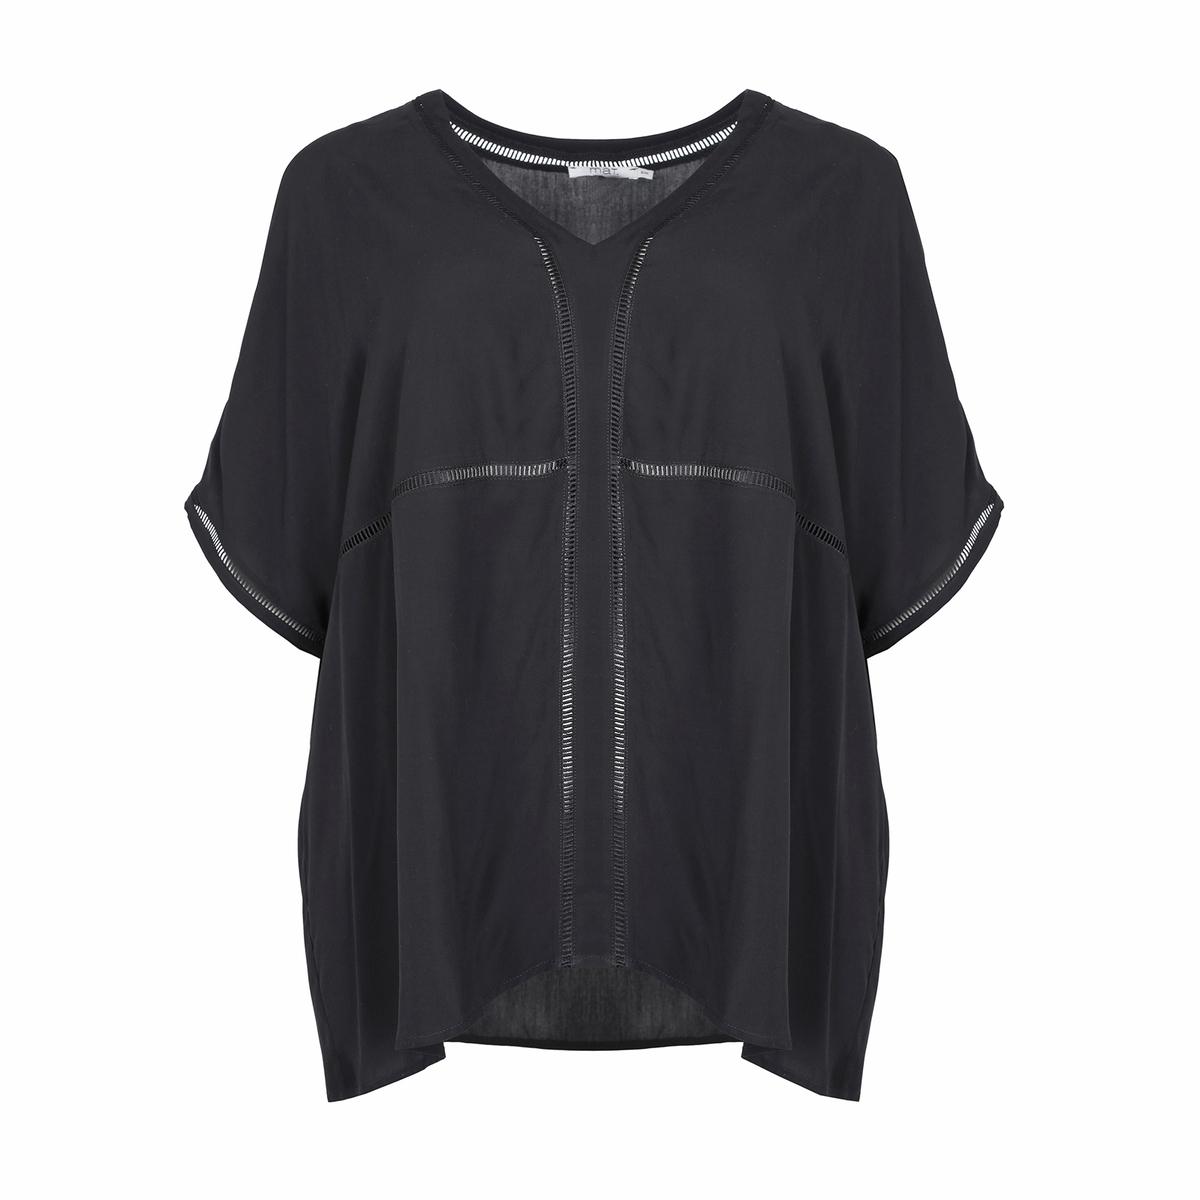 Блузка<br><br>Цвет: черный<br>Размер: 44/48.50/54